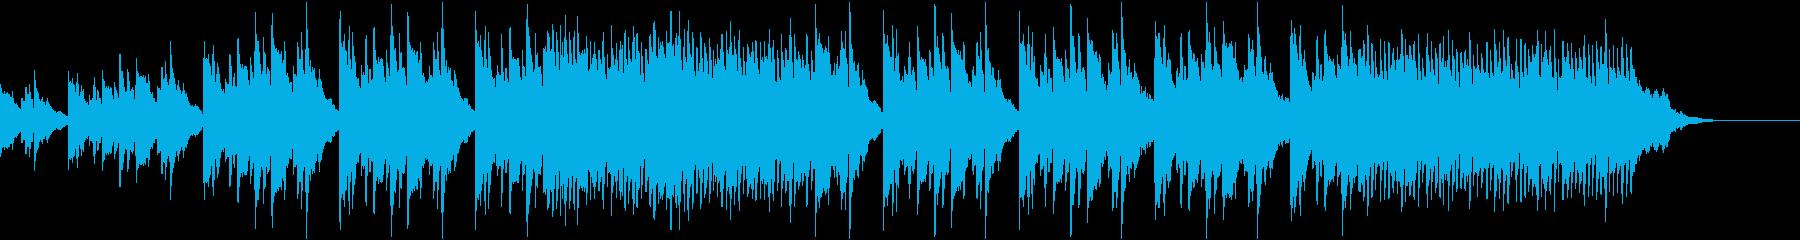 弦楽器とフルートのピアノ音楽。 刺激的での再生済みの波形